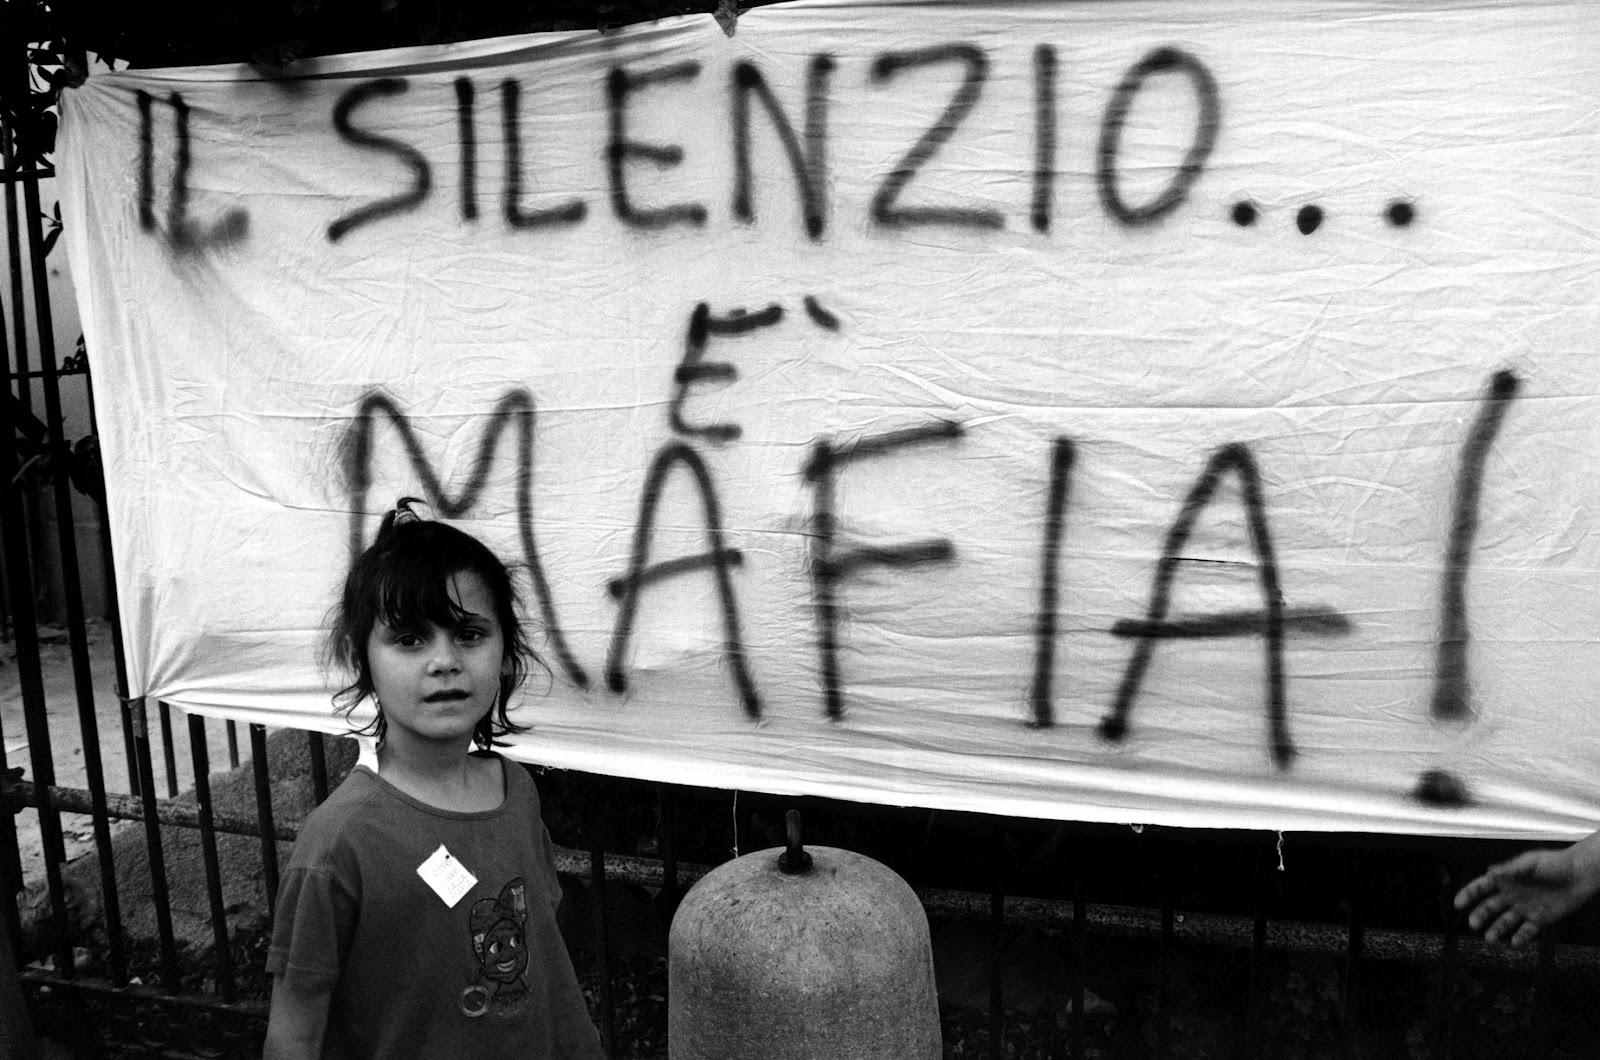 Storia di mafie, di rivoluzioni mancate e di patti fruttuosi